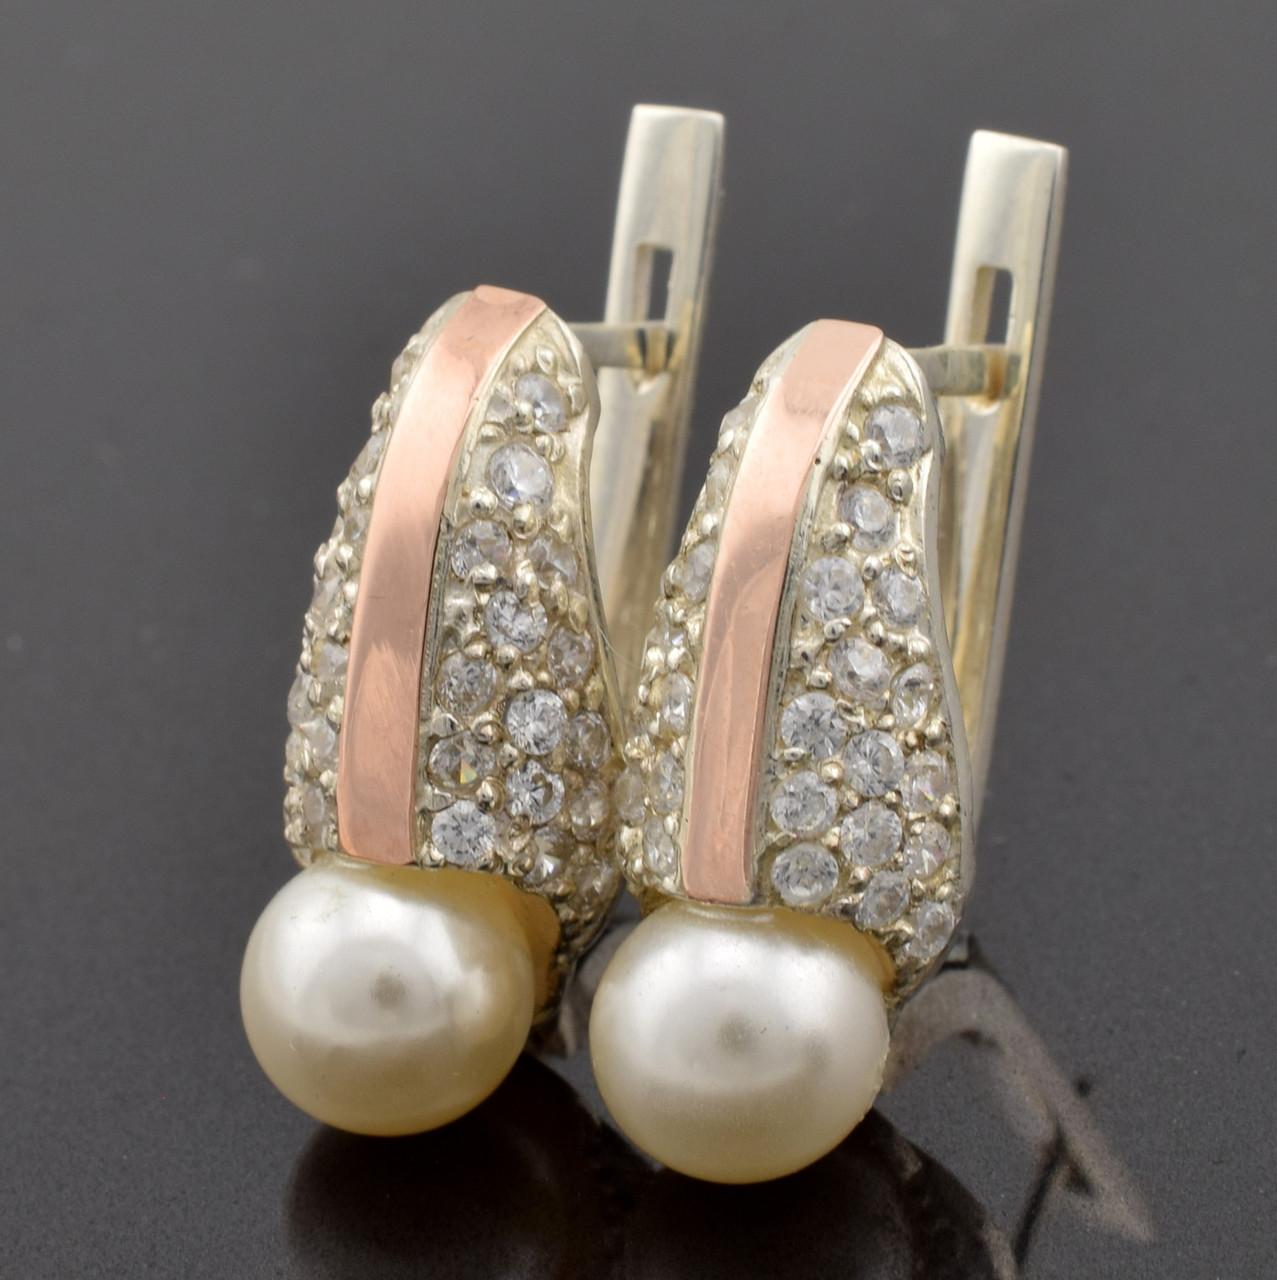 """Серебряные серьги с золотыми пластинами """"Алла"""", размер 19*8 мм, вставка искусственный жемчуг, вес 4.95 г"""